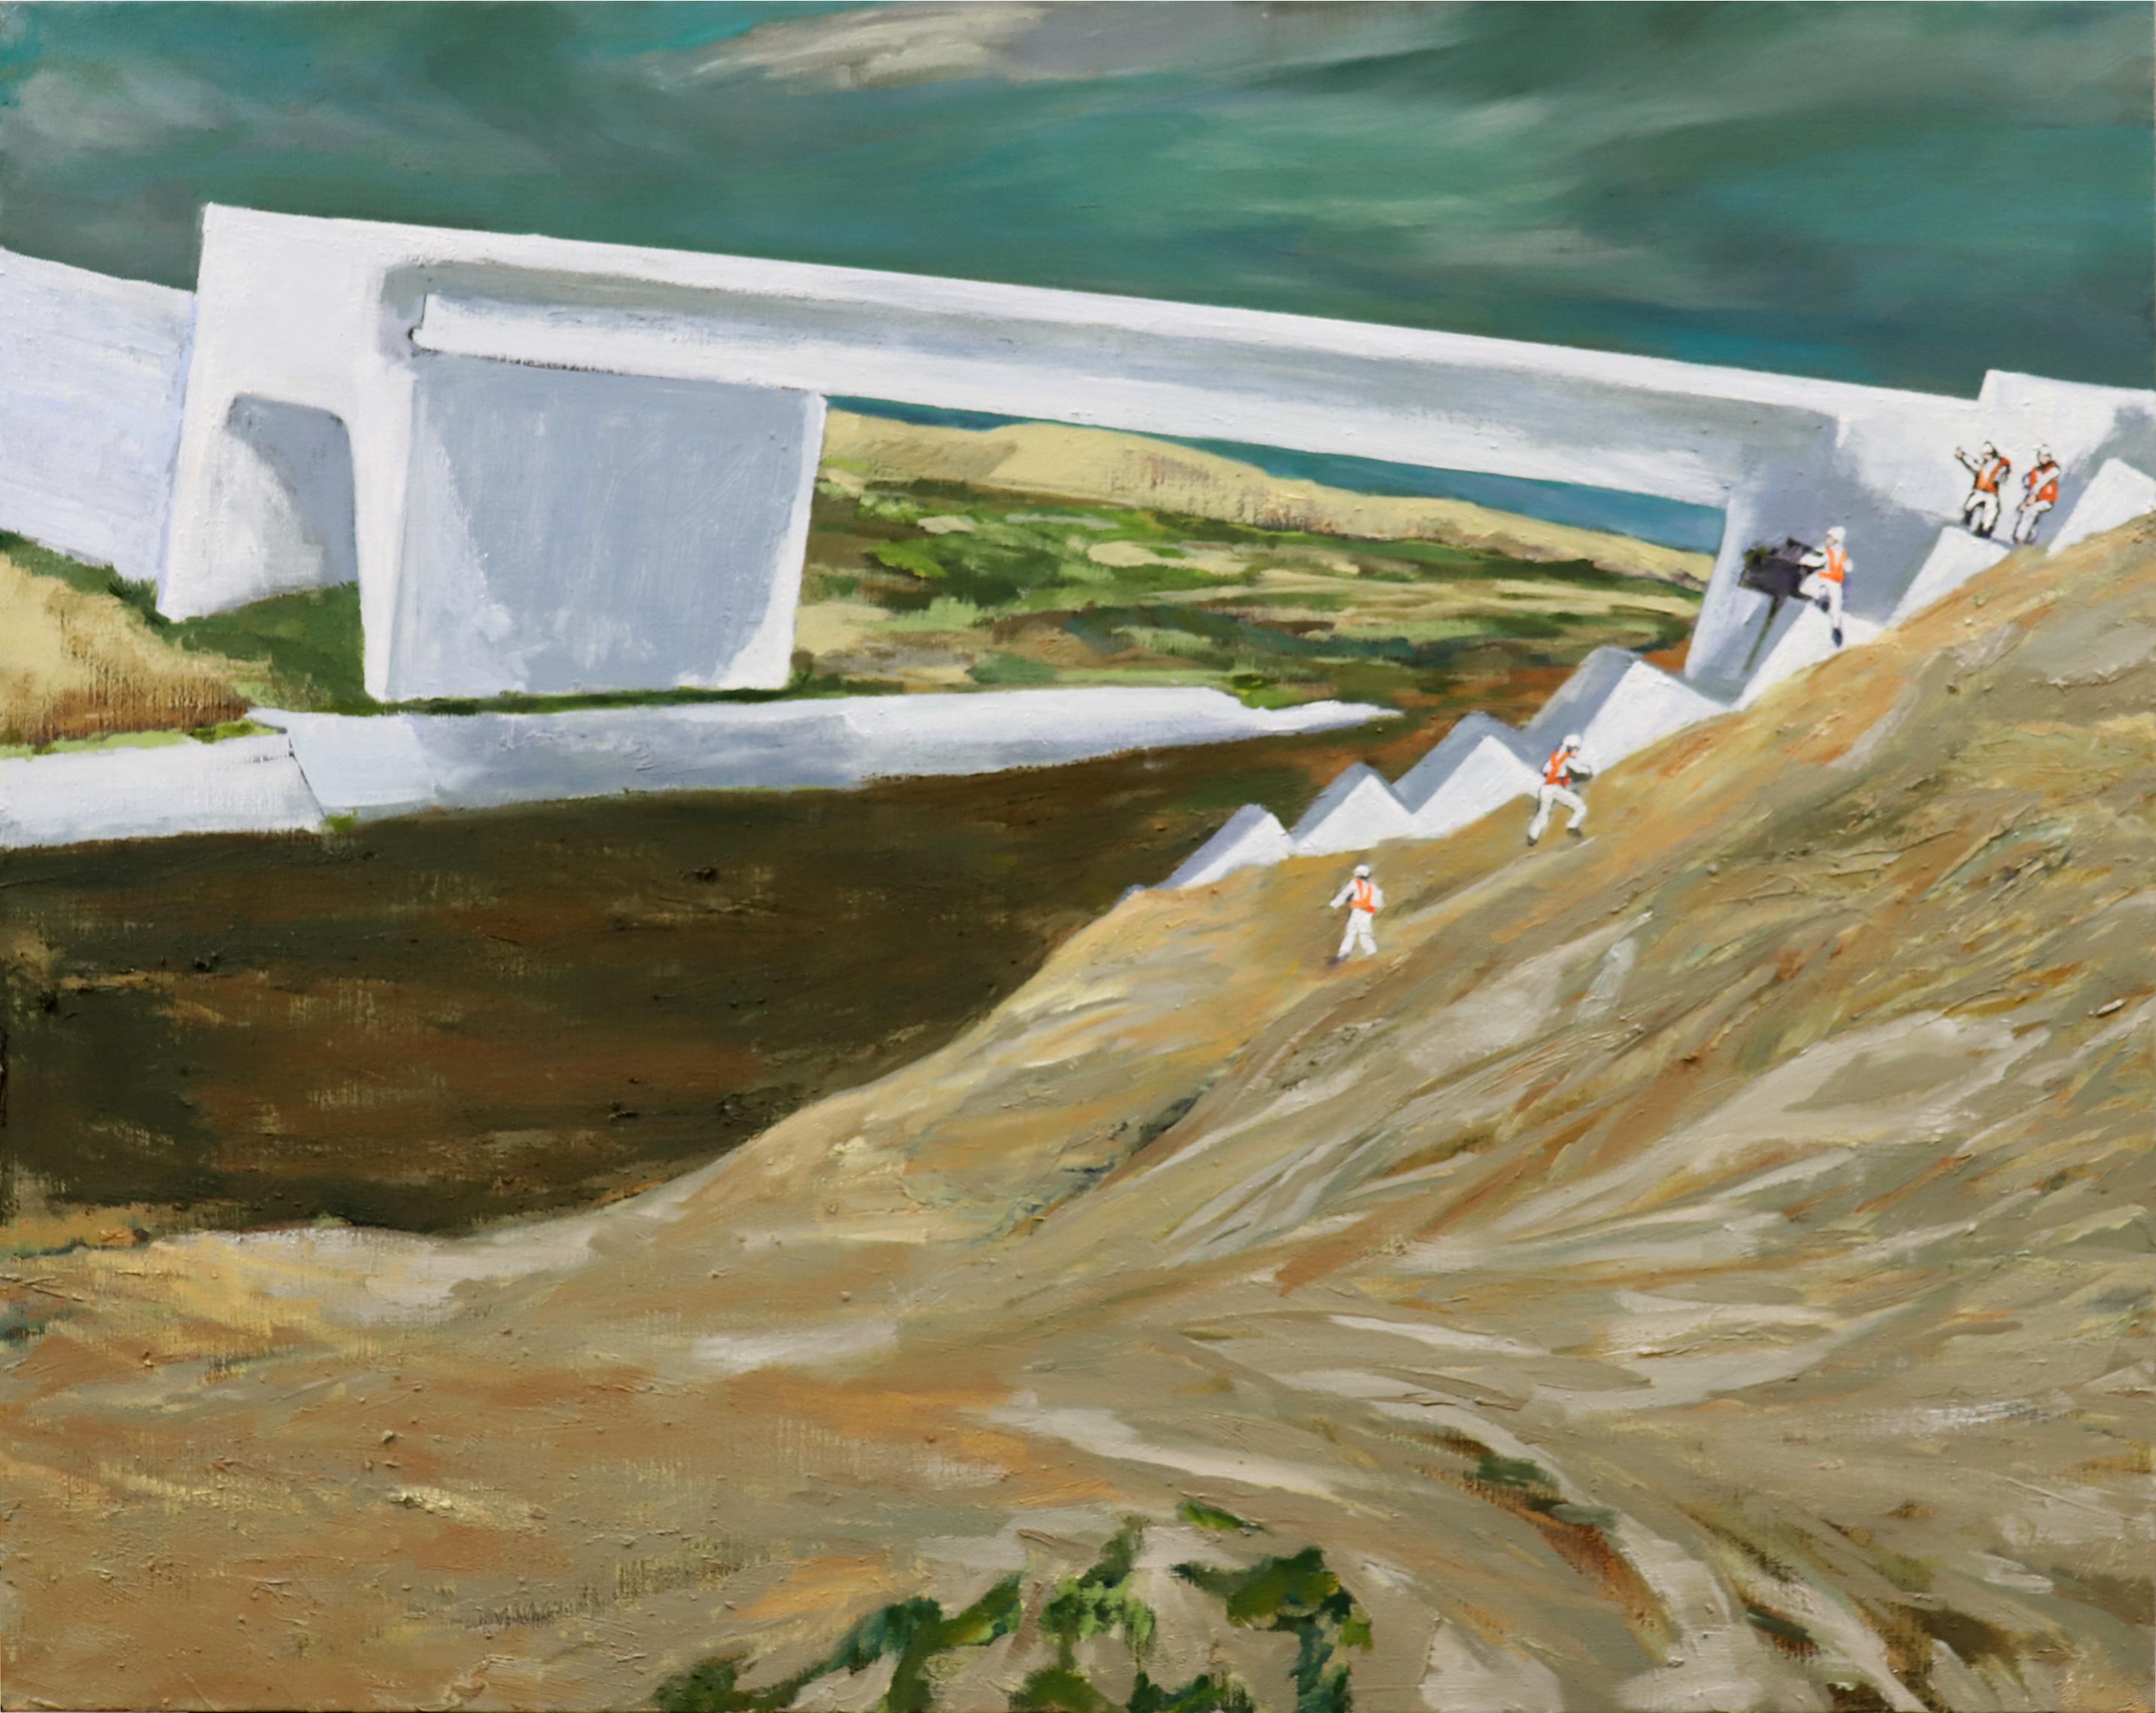 作りかけの橋  太平洋側 2016-2017年 河北新報掲載